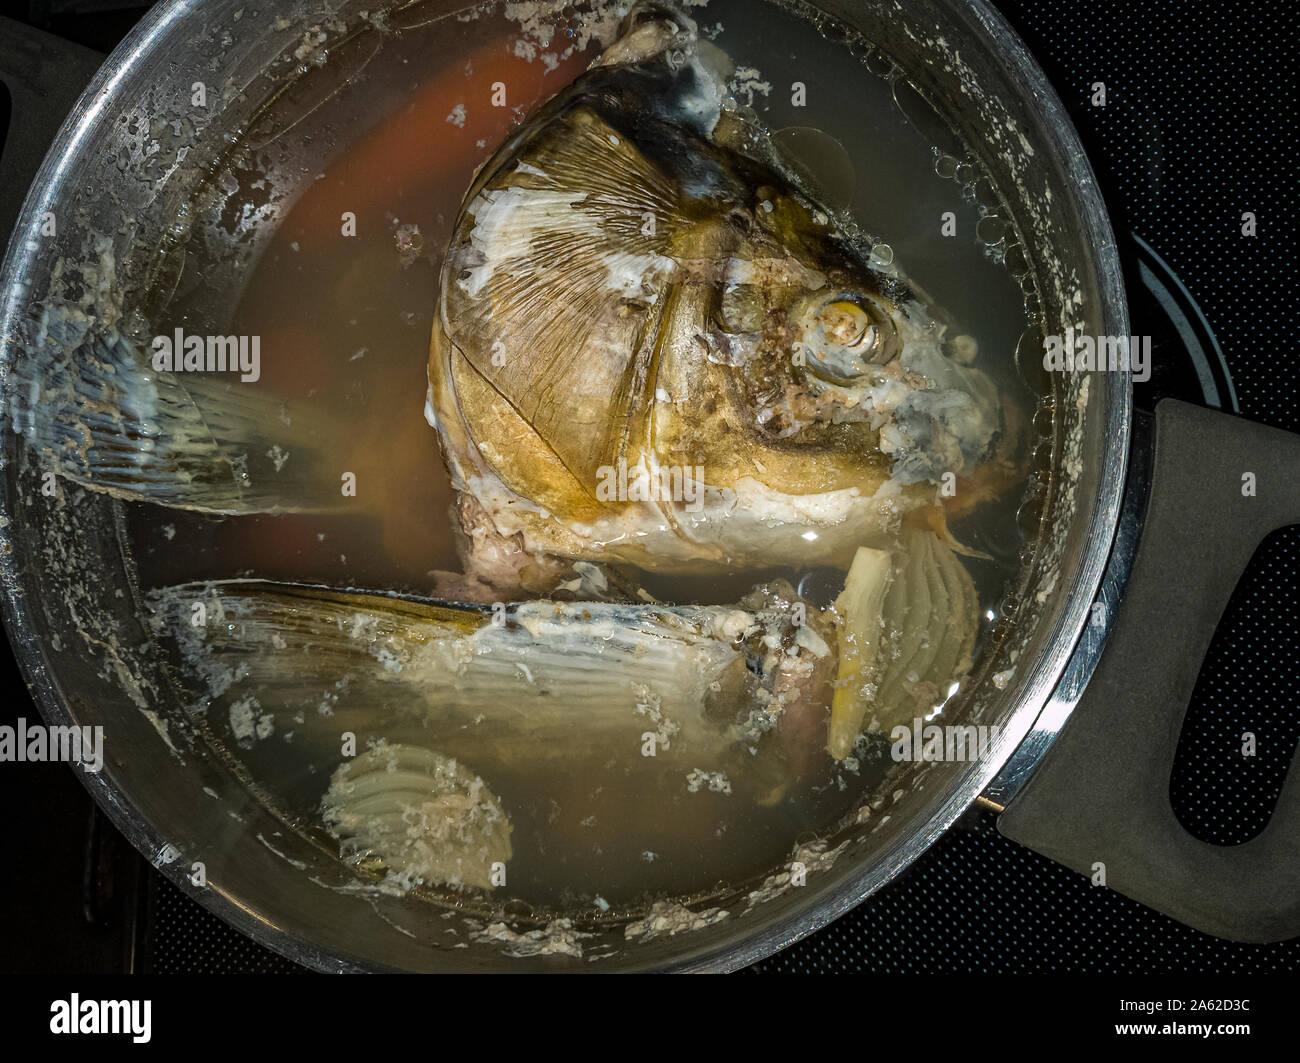 Eine gekochte Karpfen Kopf schwebt in Fisch Brühe in einen Kochtopf. Stockfoto